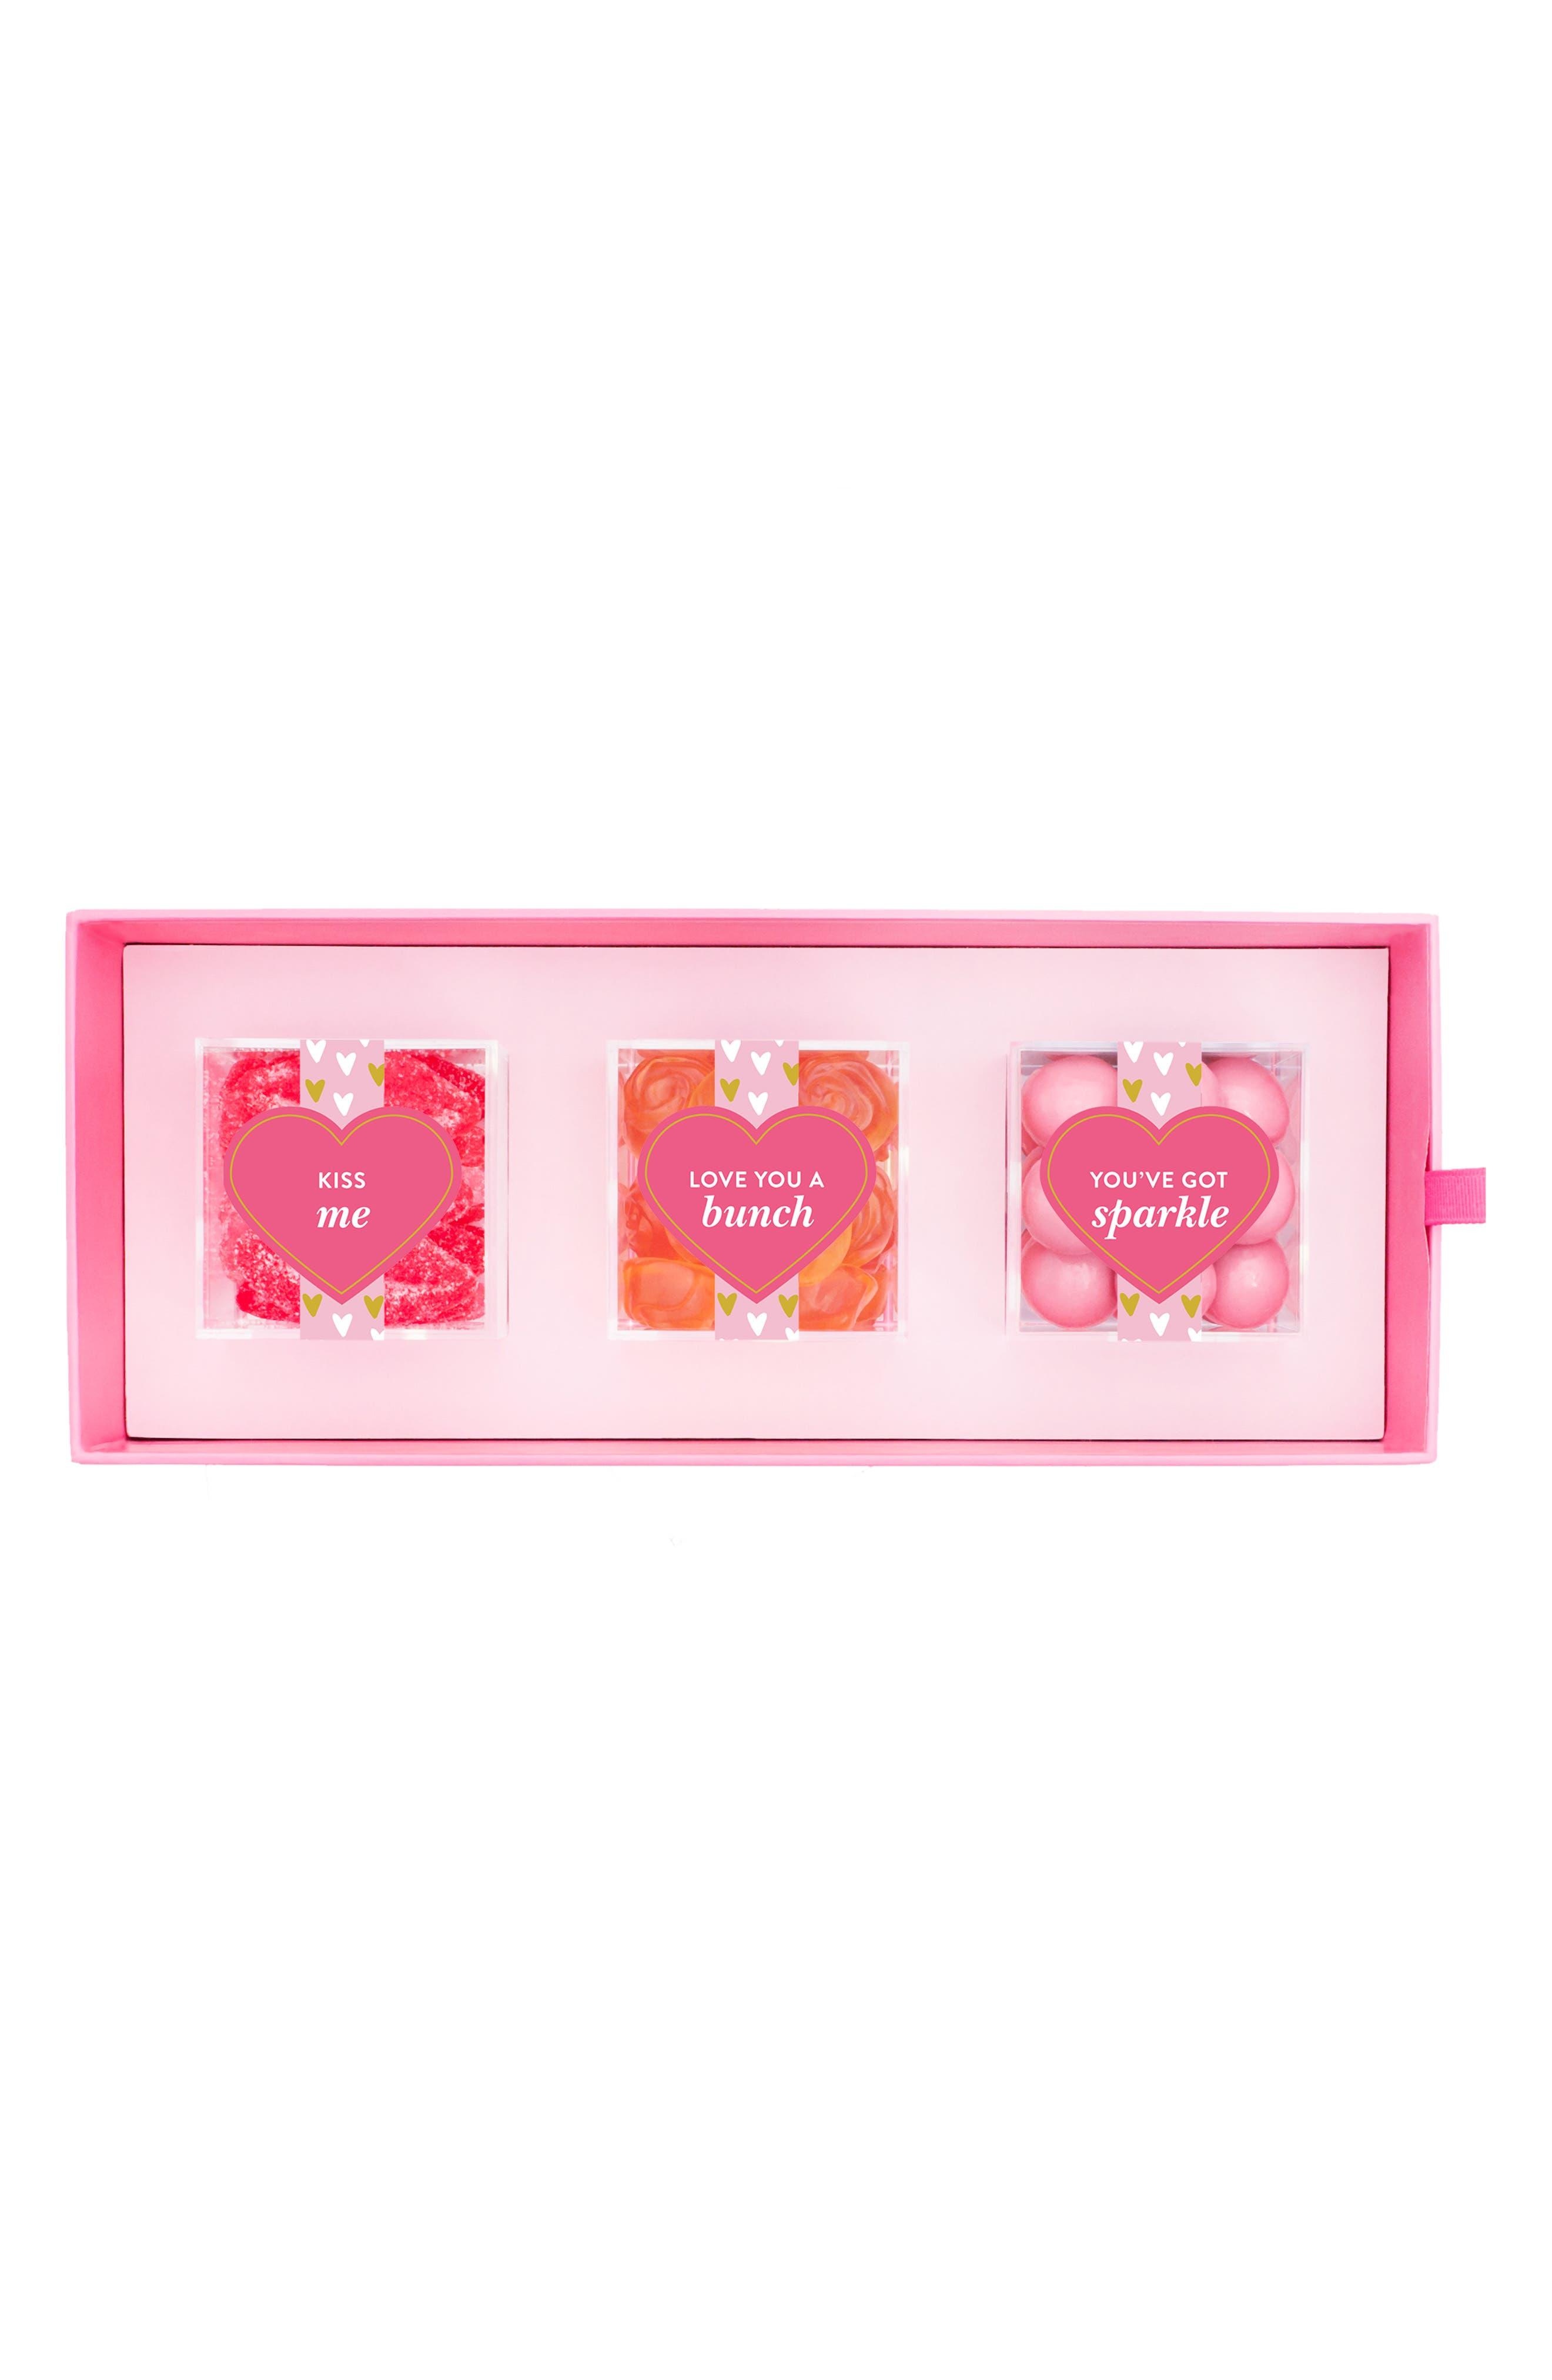 XOXO 3-Piece Candy Bento Box,                             Alternate thumbnail 4, color,                             PINK